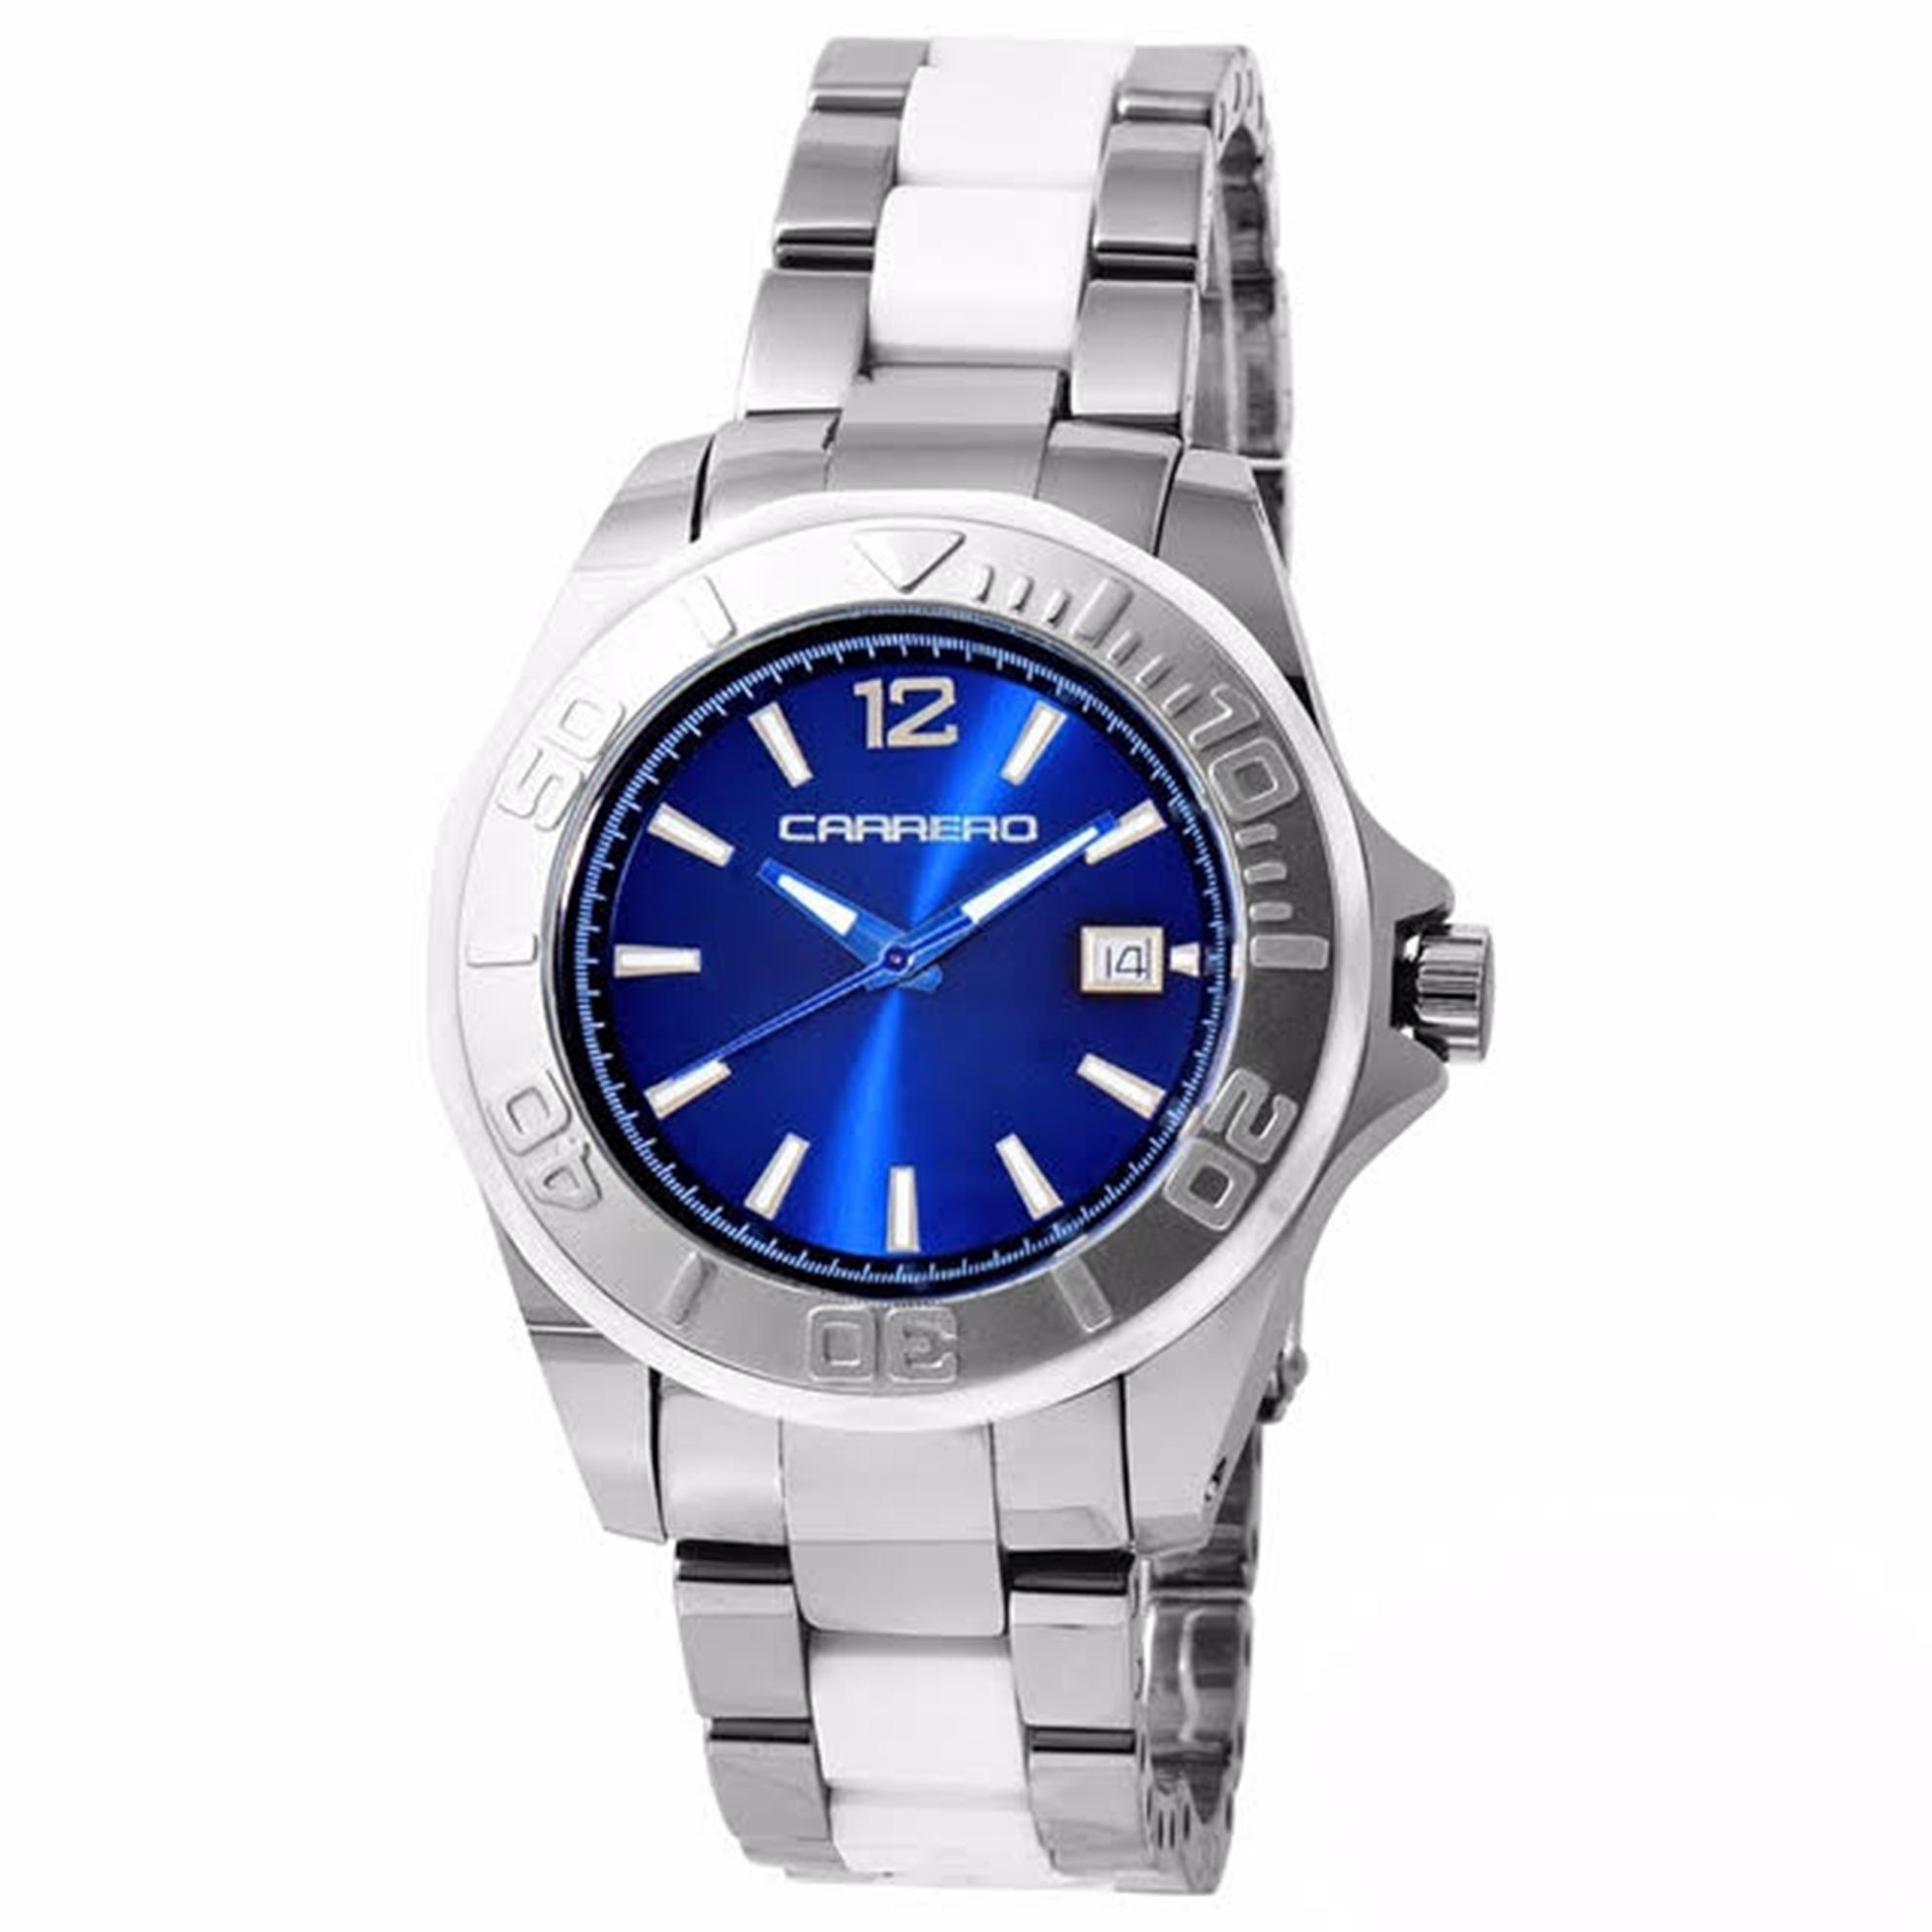 Carrero C015 Carrero Special Edition Tungsten/Ceramic Diver Two-Tone Blue Dial